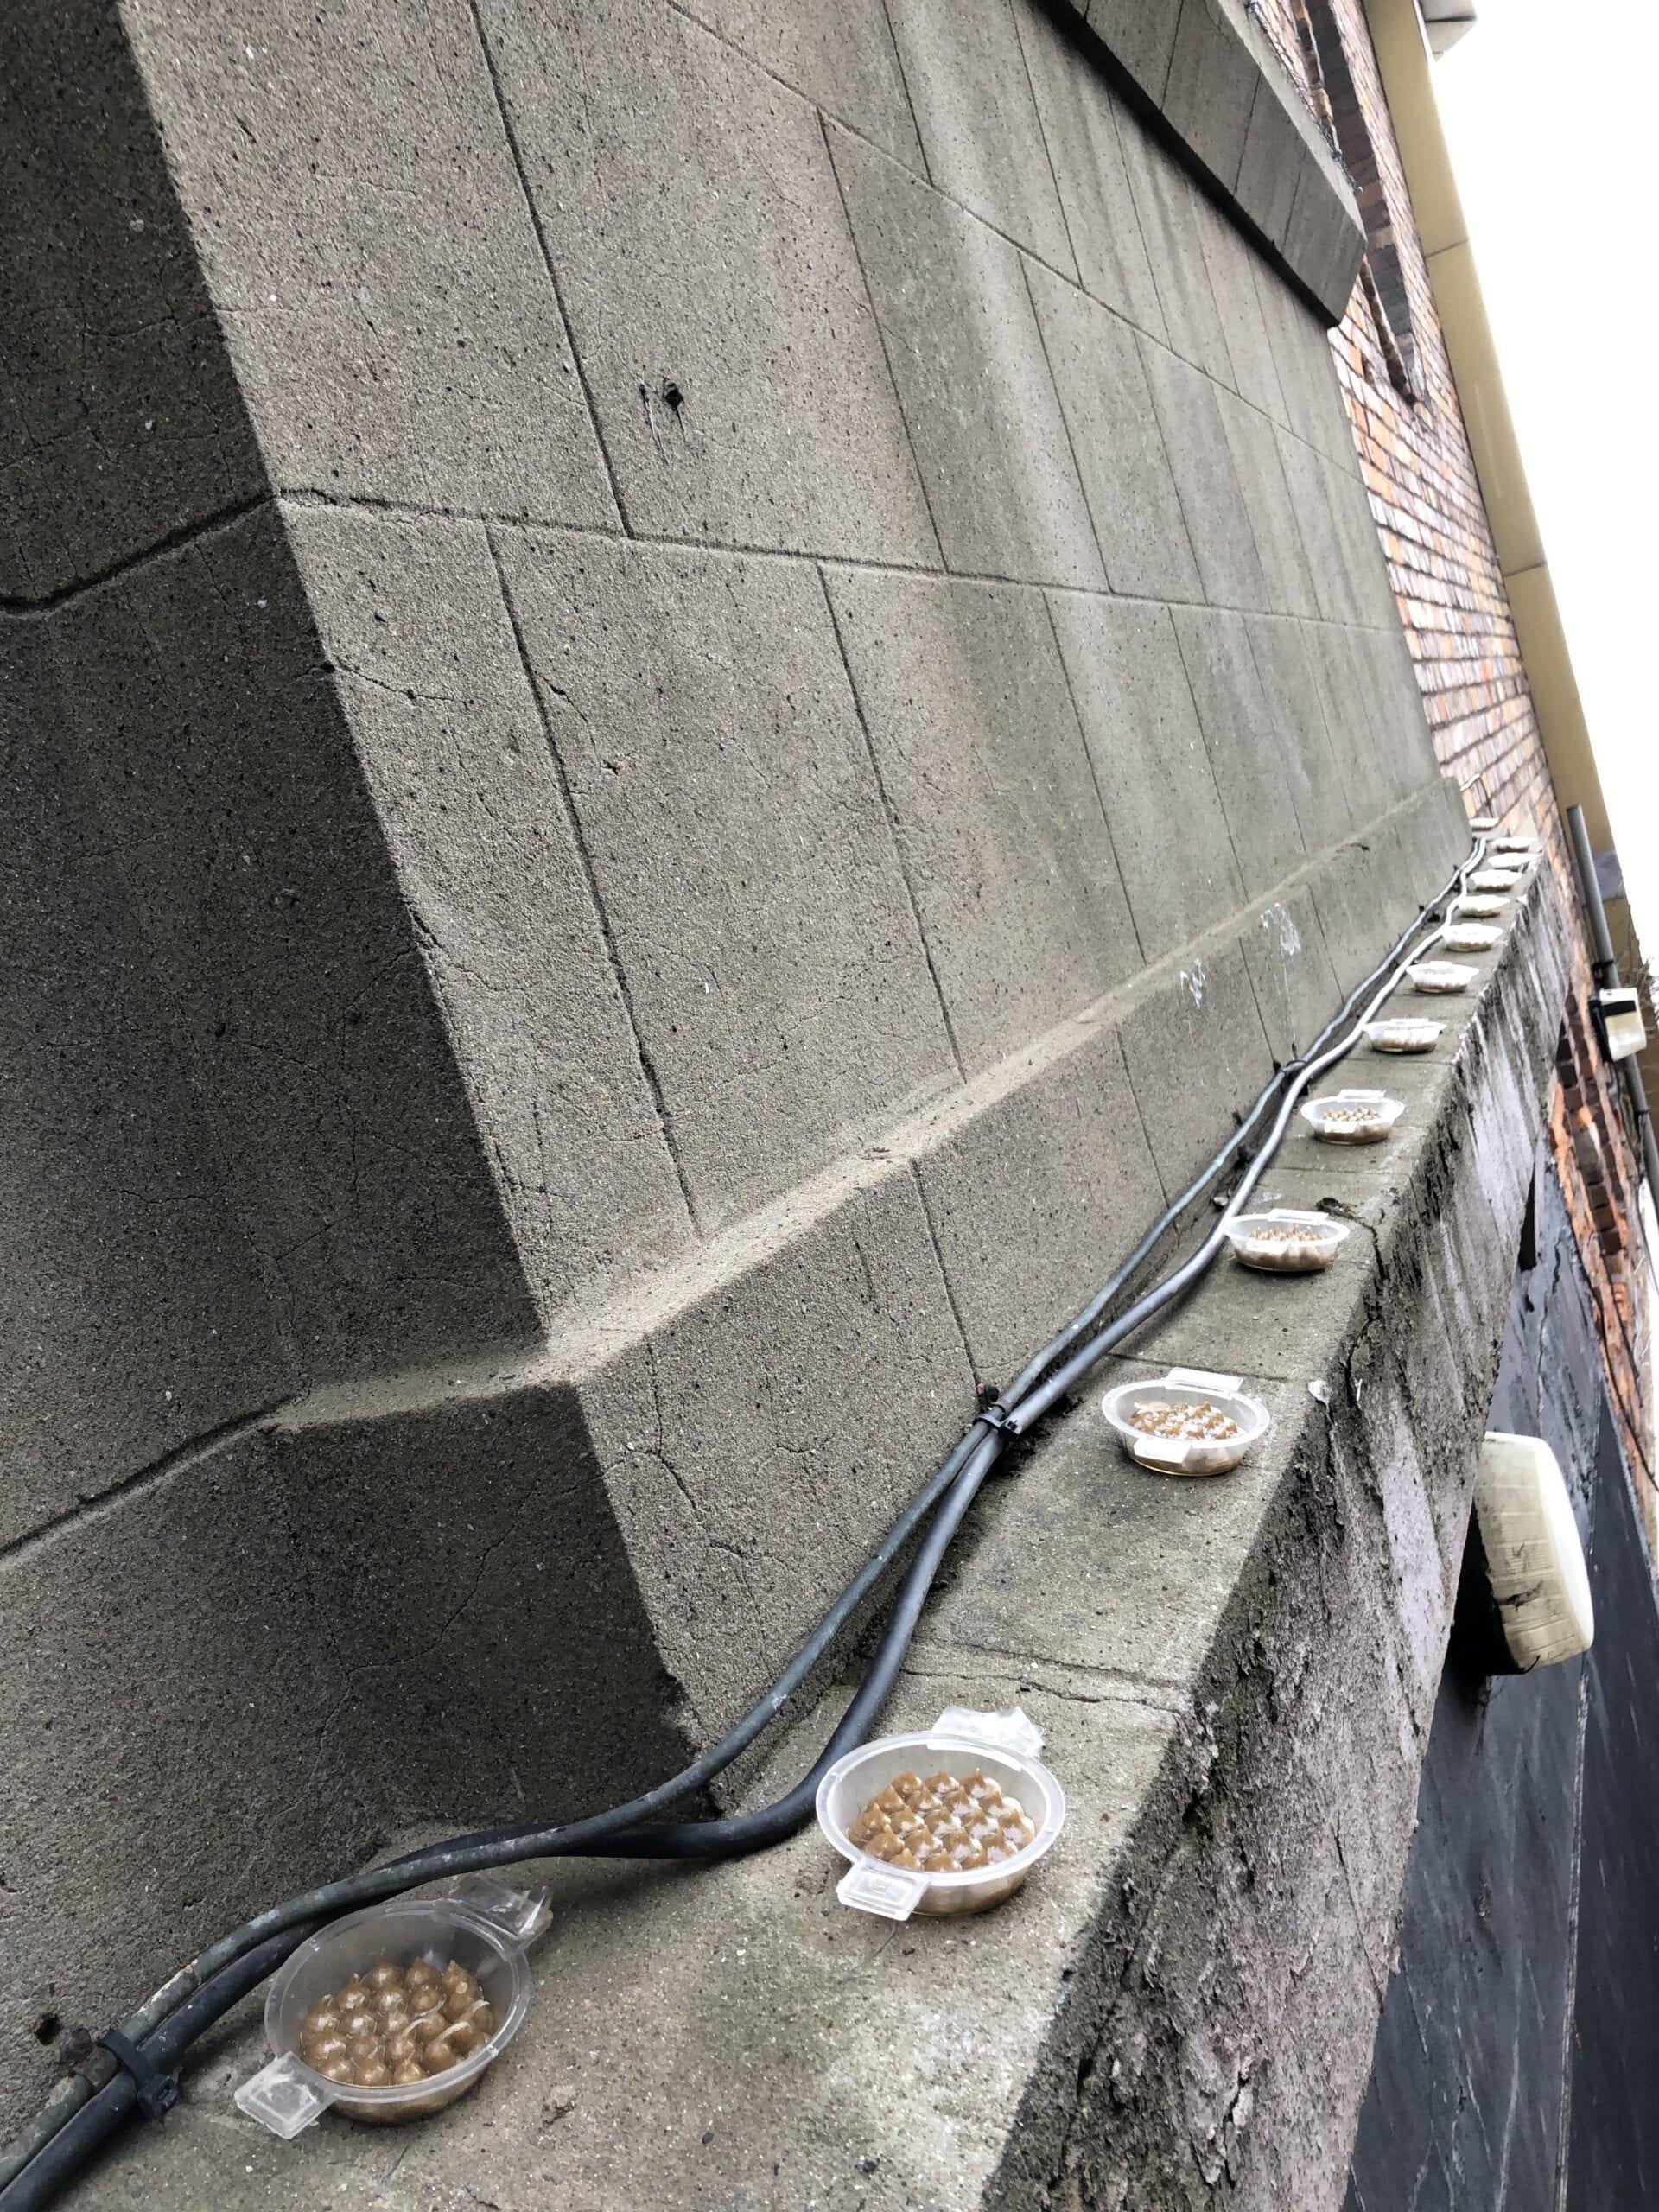 Fire Gel on ledge